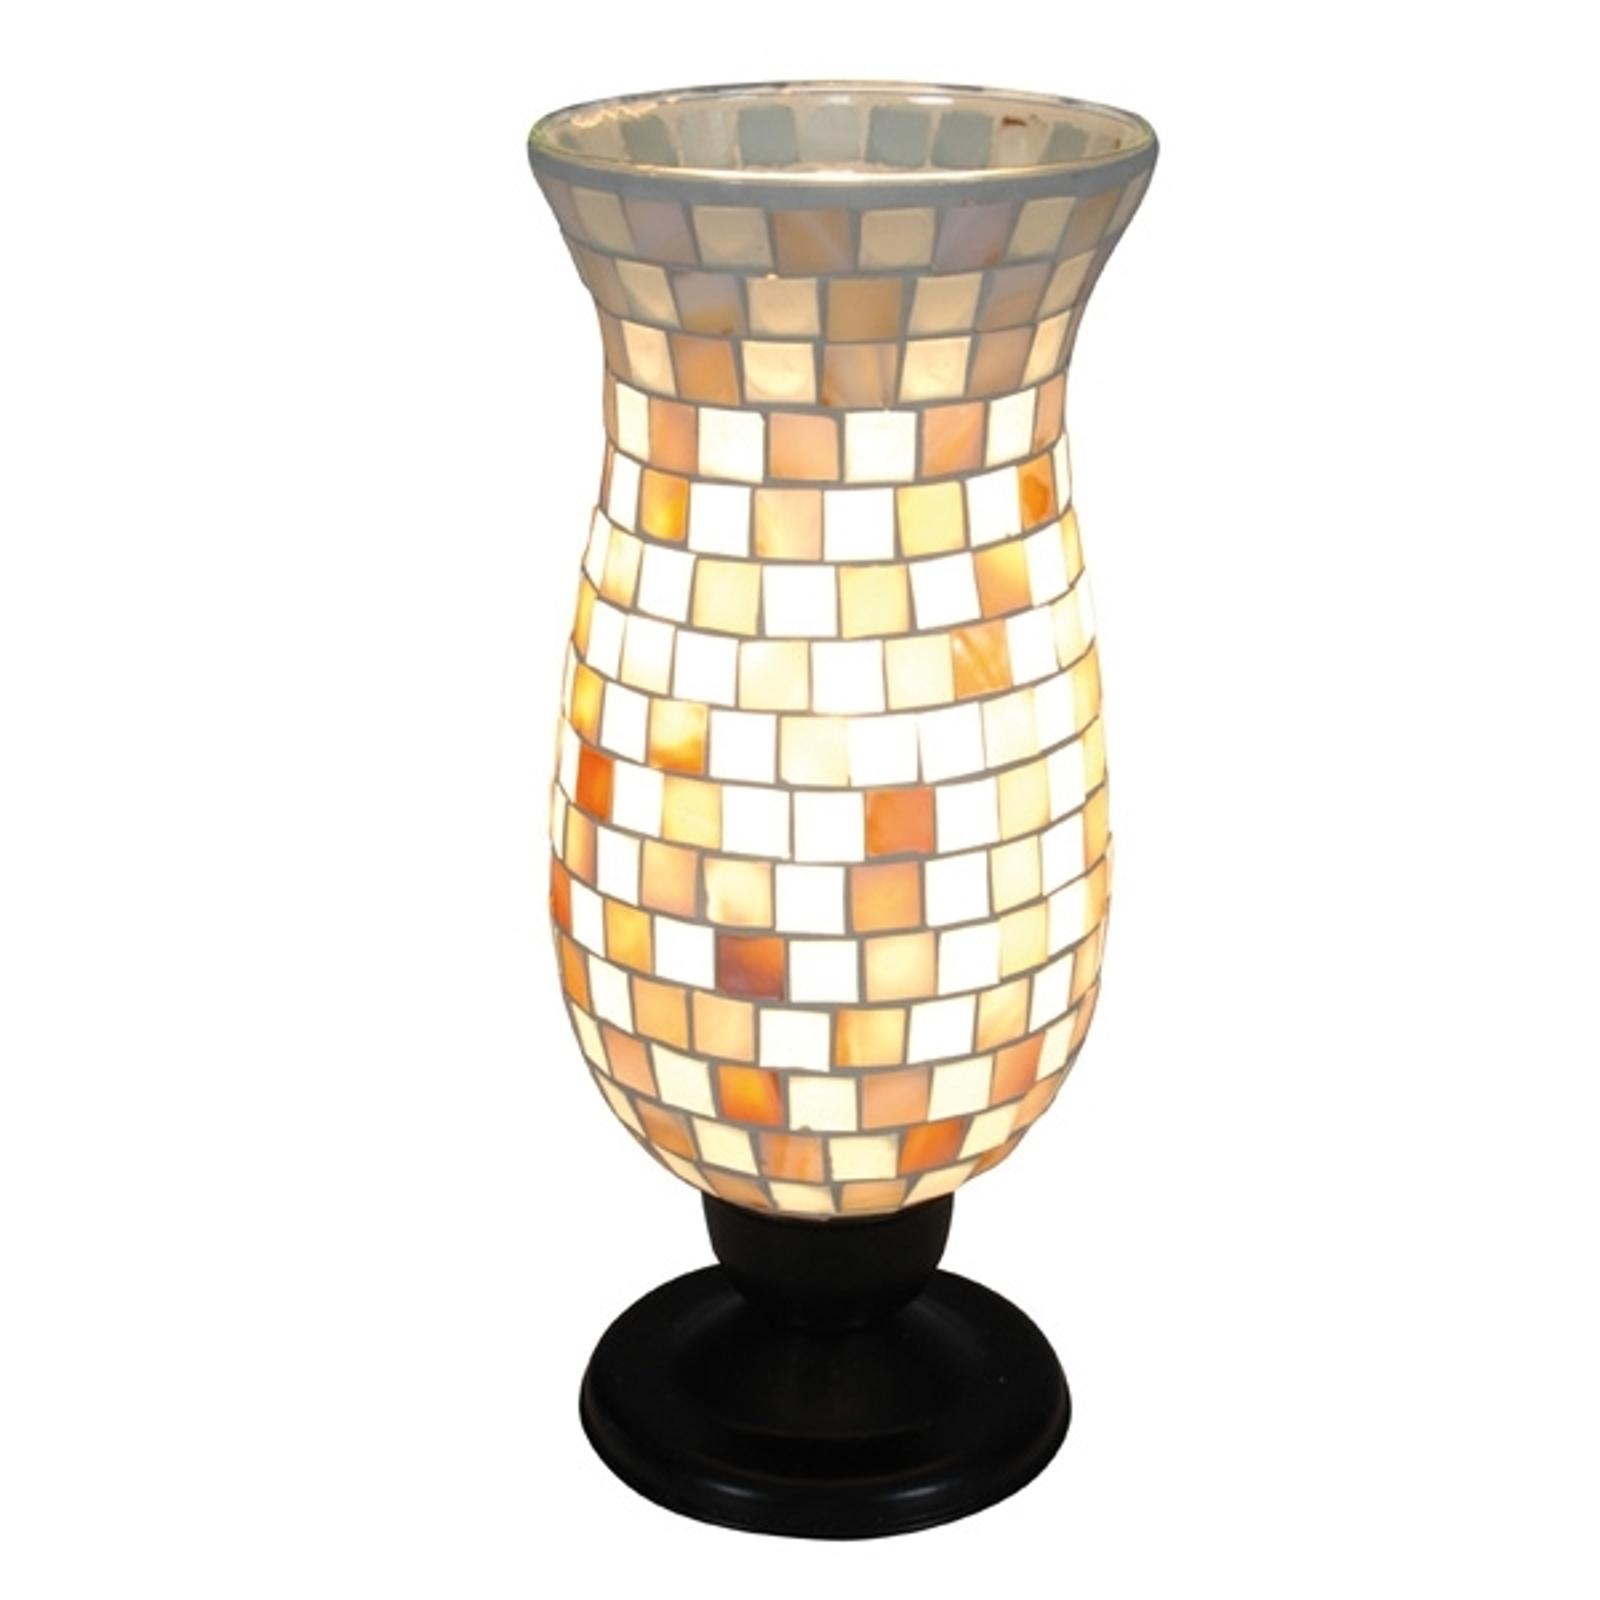 Tafellamp Yara met mozaïek kap